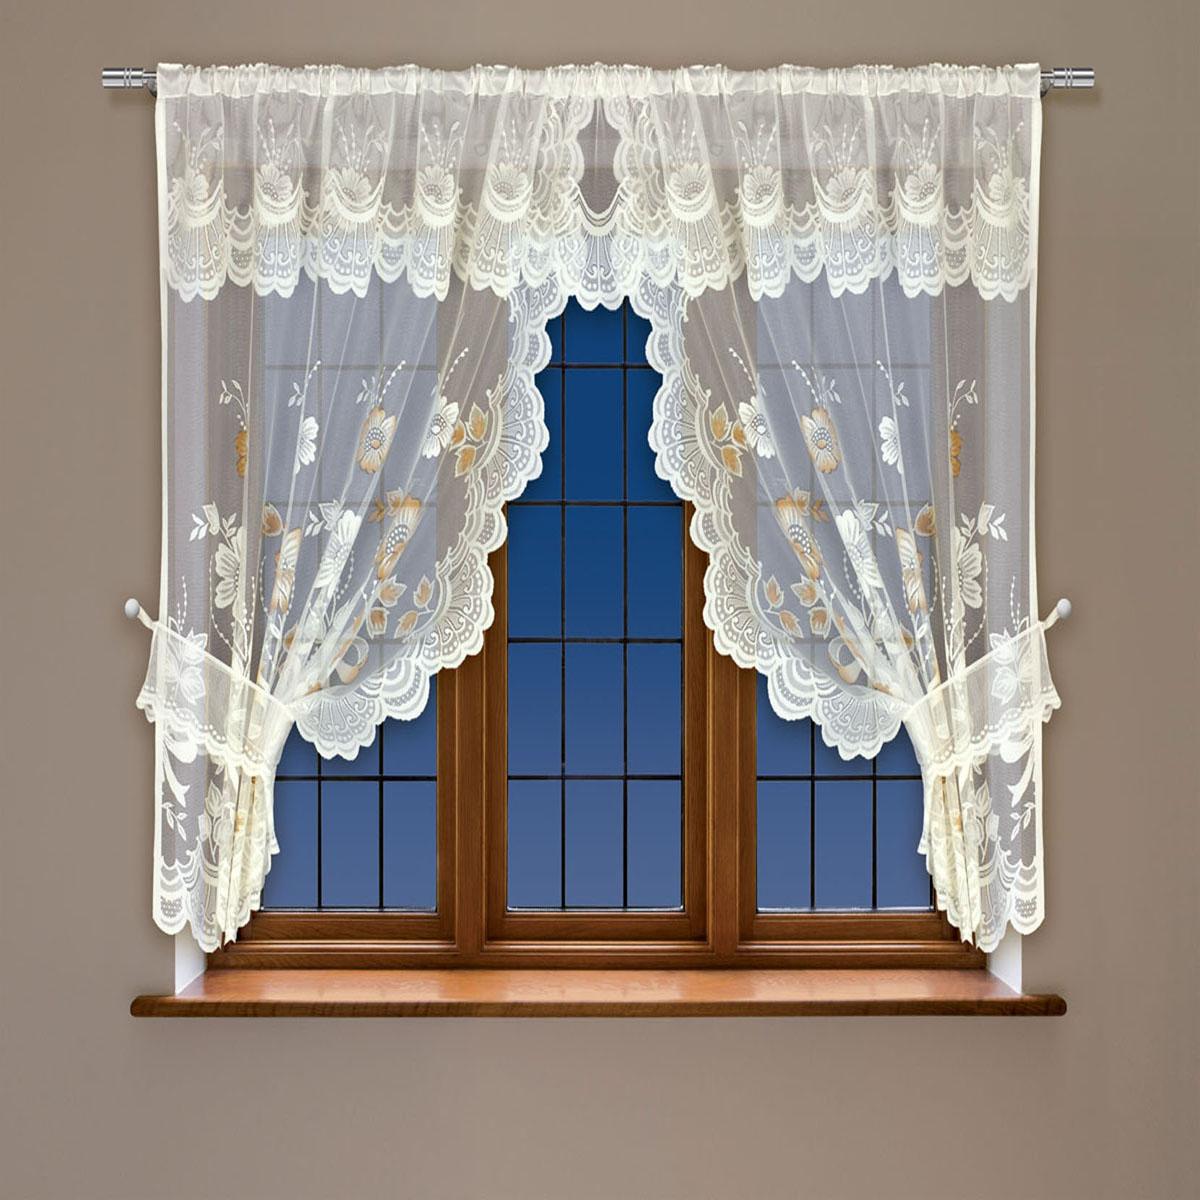 Гардина Haft, на кулиске, цвет: кремовый, высота 122 см. 202561202561/122 кремВоздушная гардина Haft, выполненная из полиэстера, великолепно украсит любое окно.Изделие имеет оригинальный дизайн и органично впишется в интерьер помещения.Гардина крепится на карниз при помощи кулиски.